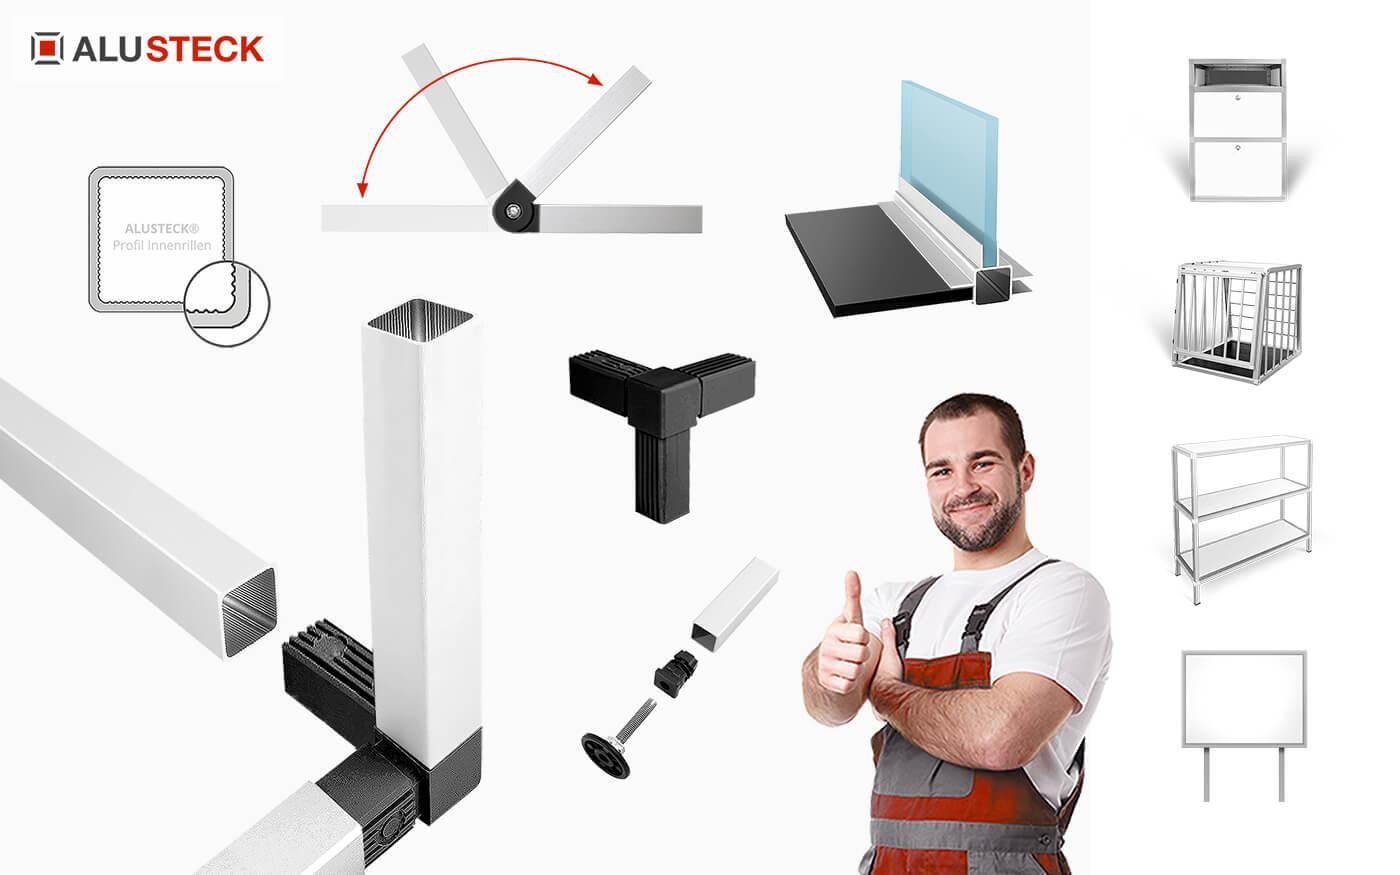 Alu-Profilsystem ALUSTECK® Onlineshop Aluprofil System Profil Grosshandel